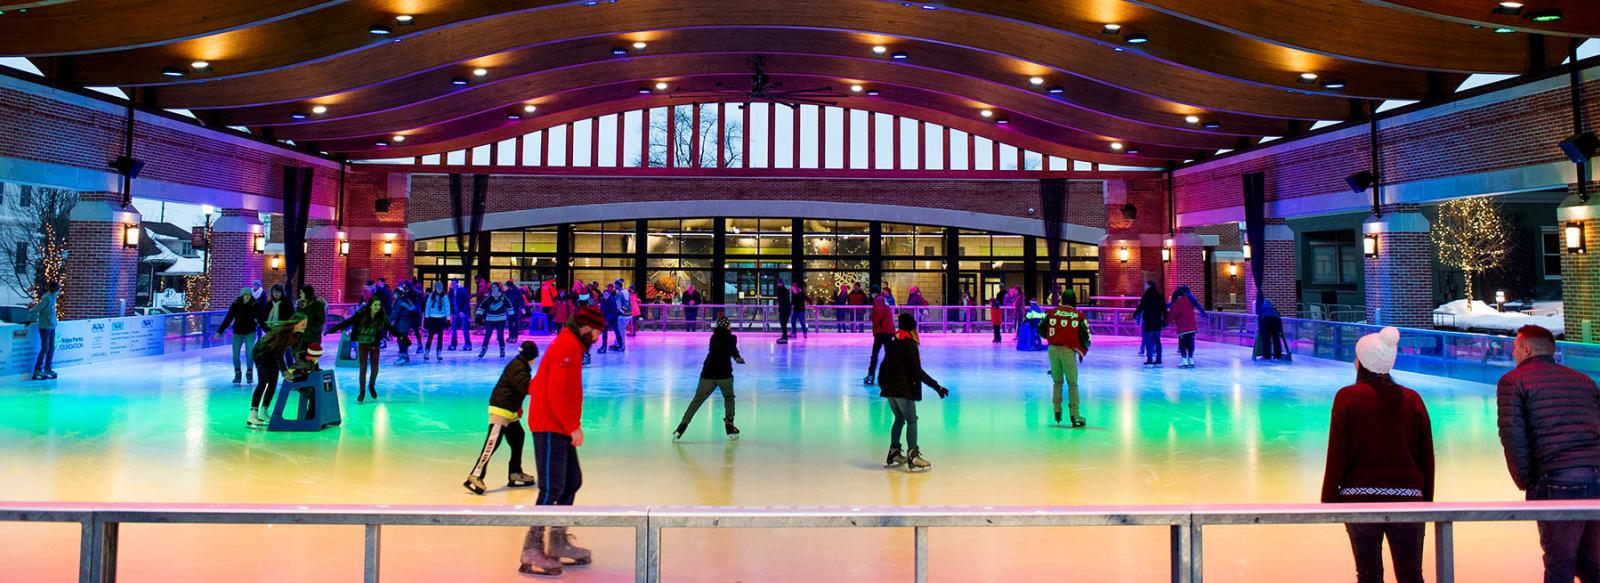 Things-to-Do-Northwest-Indiana-Ice-Skating